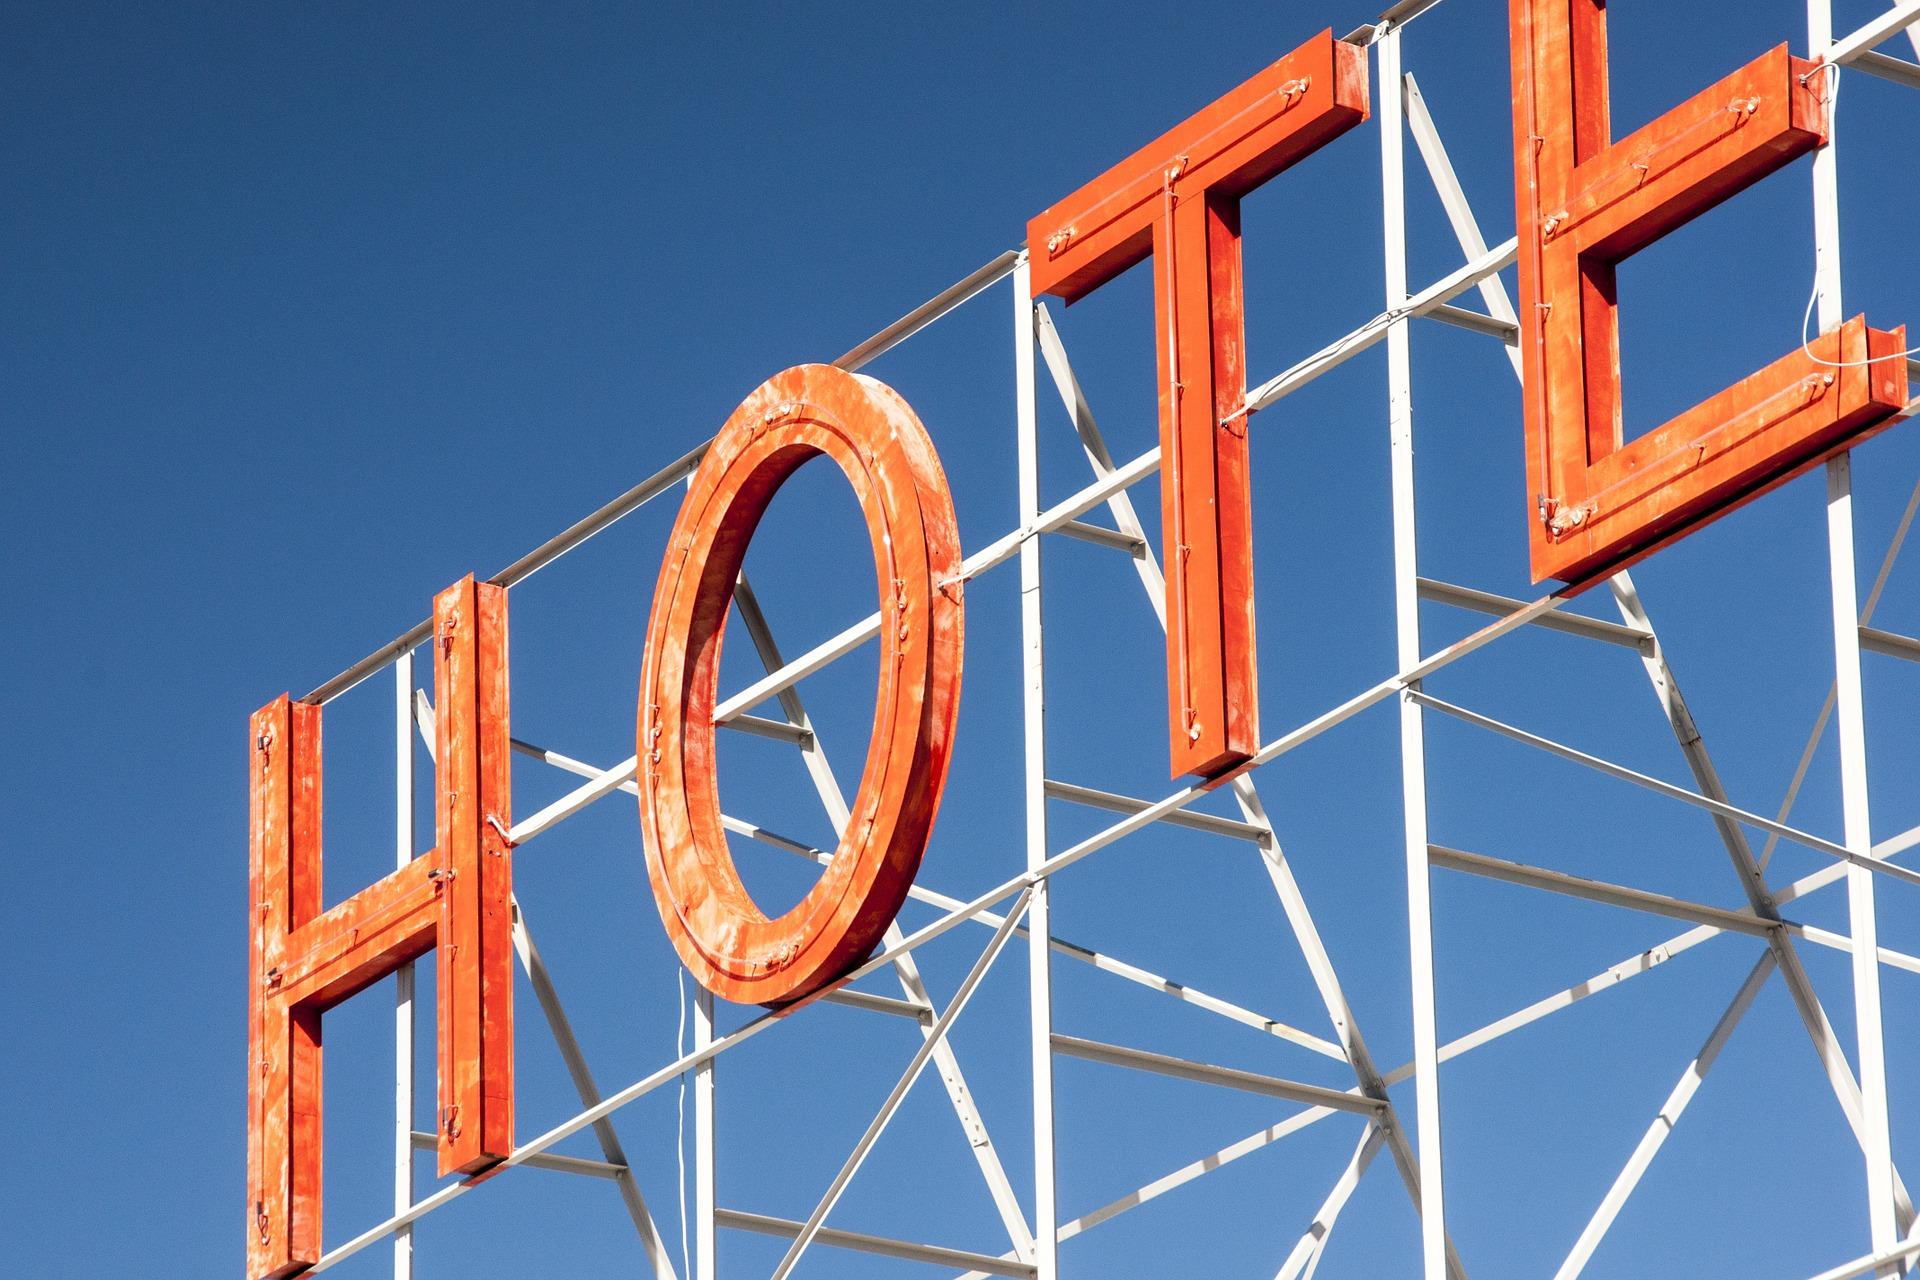 Rodinný hotel s tradicí…Vítejte v MAMAHOTELU